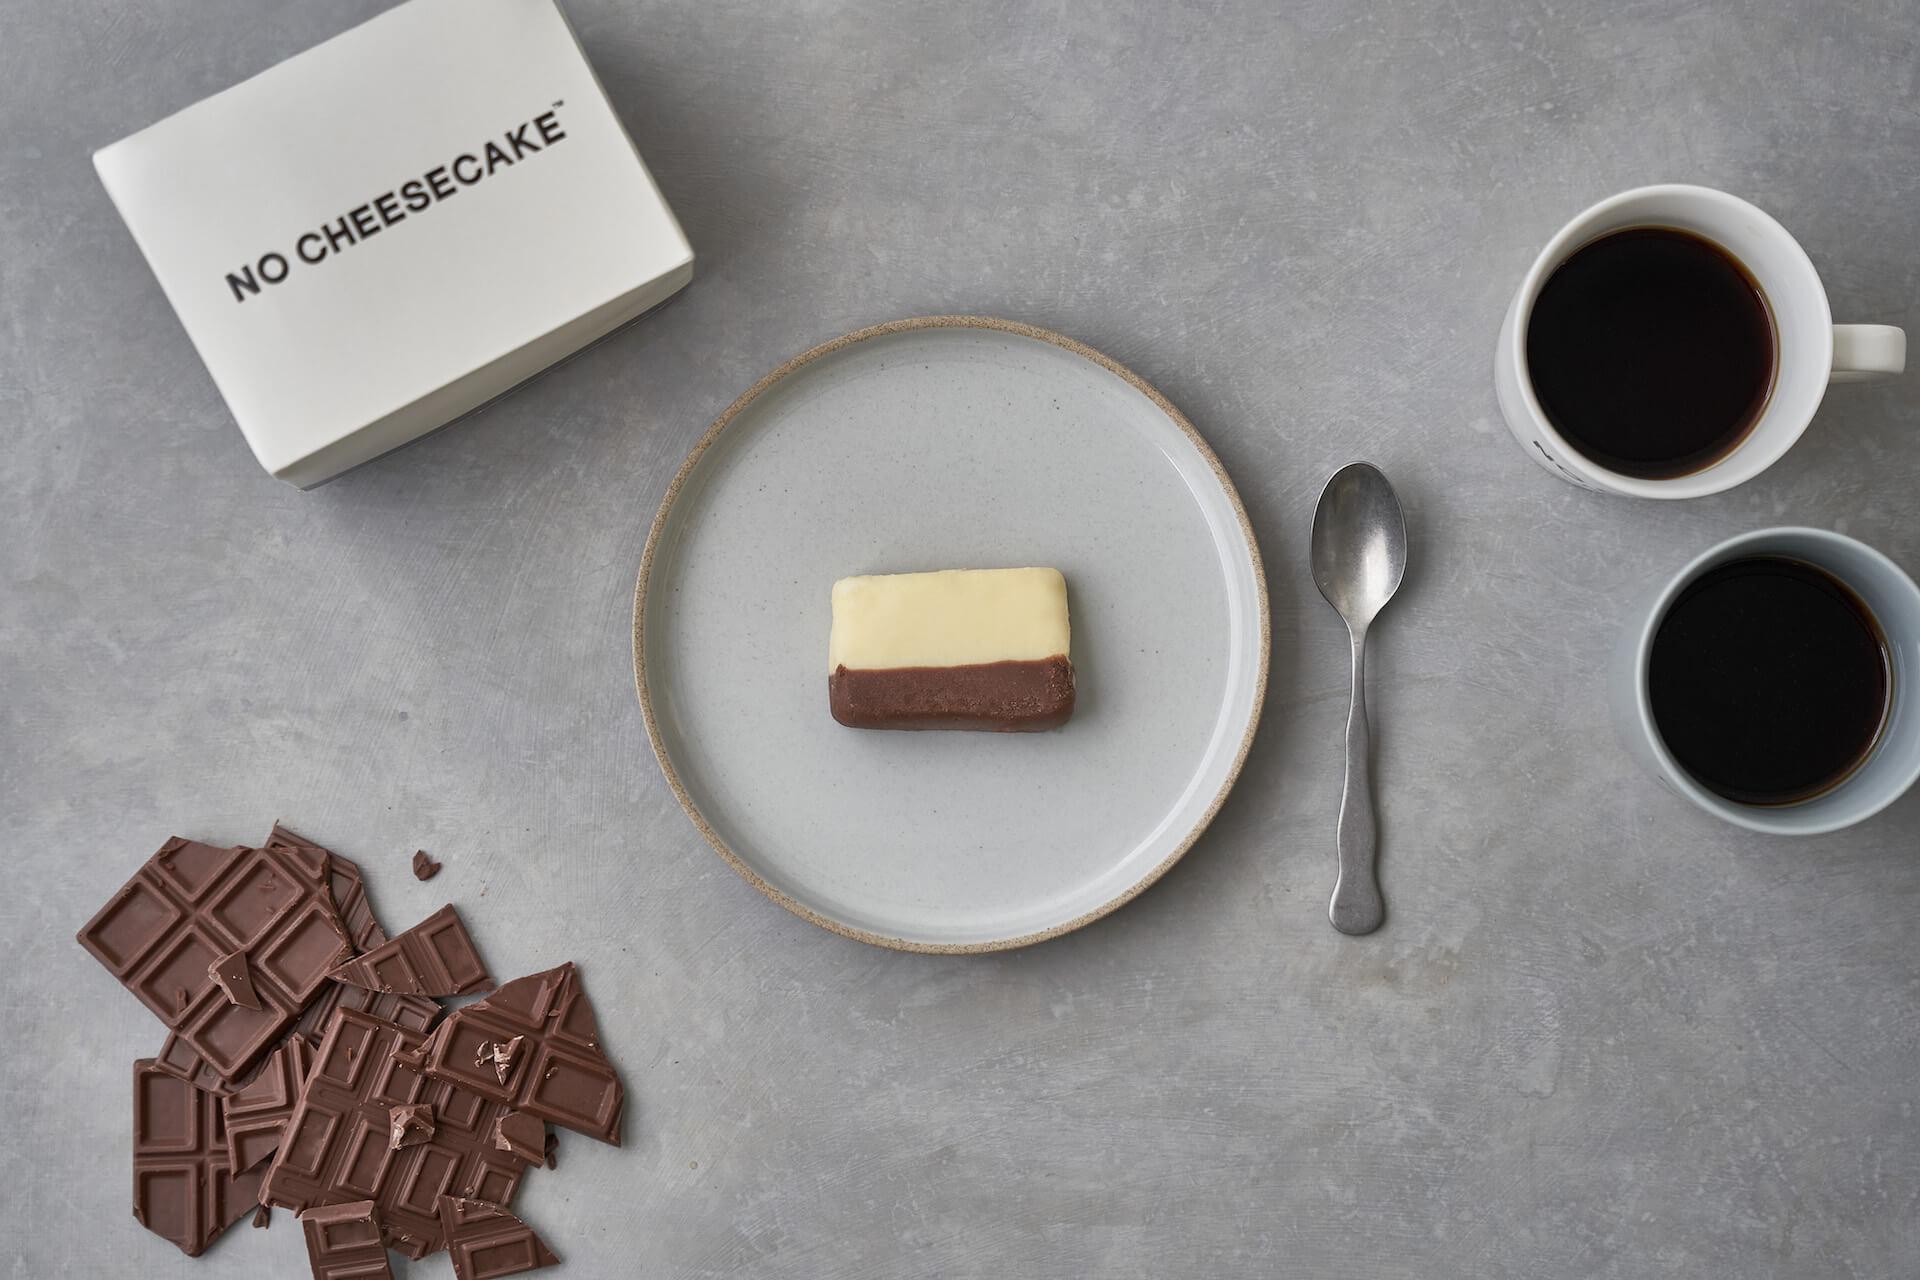 濃厚なチーズとチョコのバイカラーケーキ!NO COFFEEと旅するチーズケーキのコラボスイーツ『NO CHEESECAKE』が発売決定 gourmet2020108_nocheesecake_1